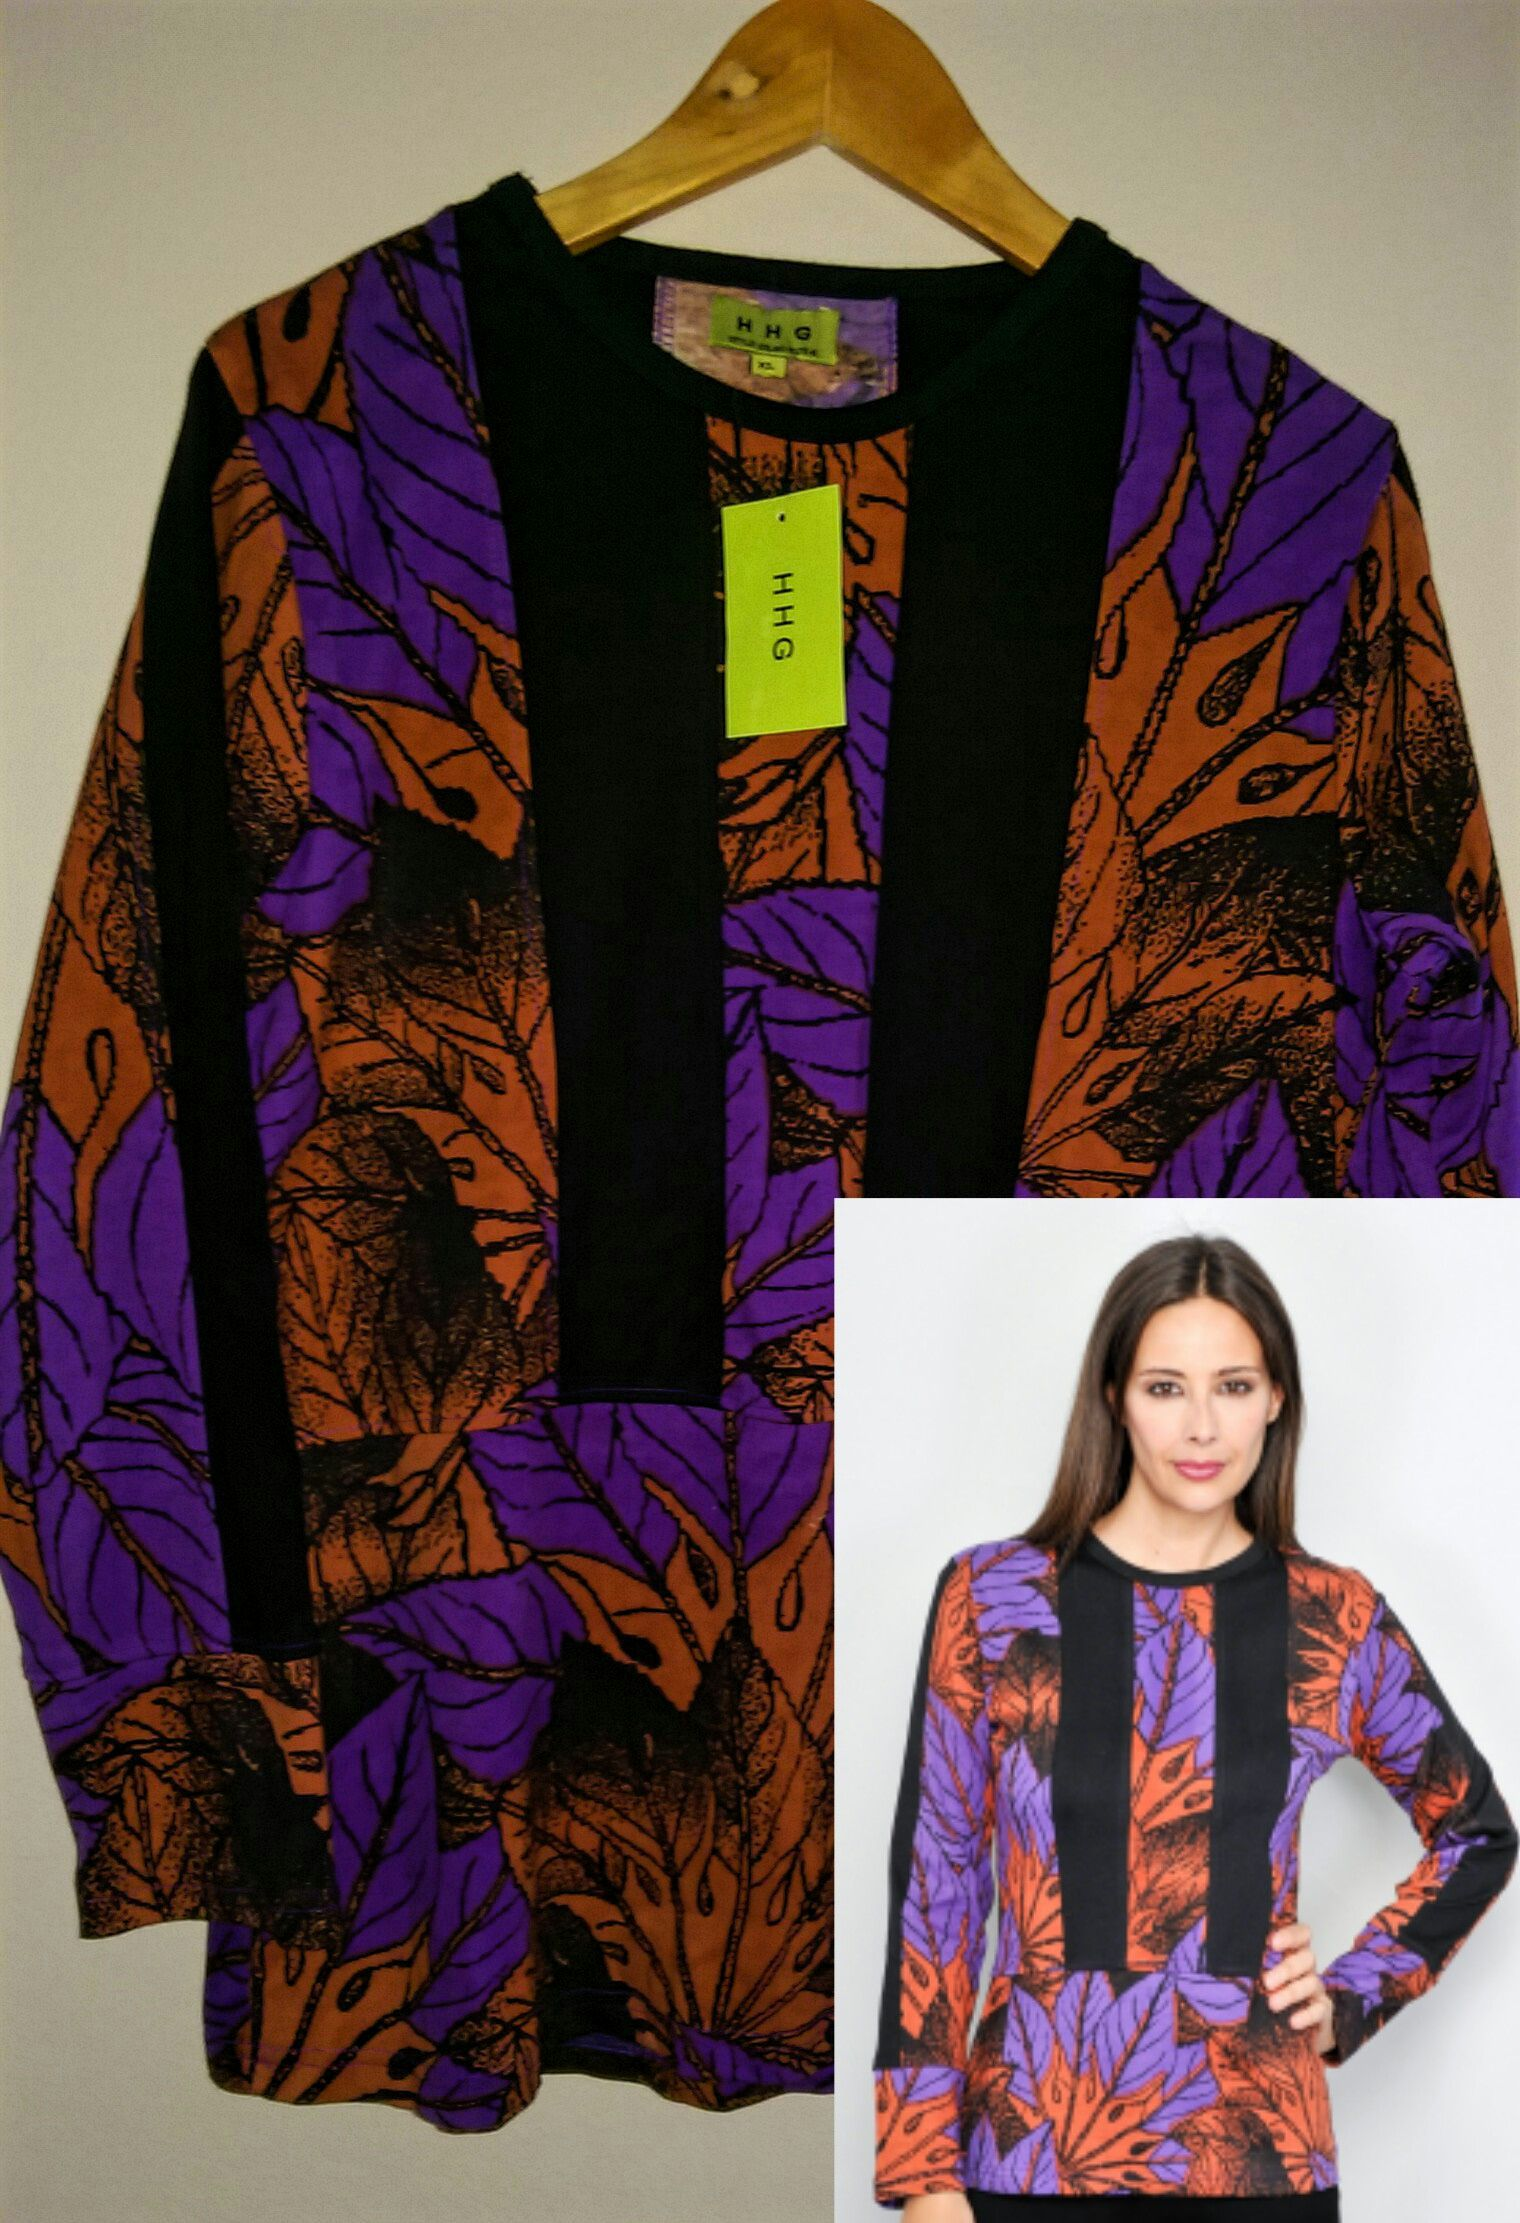 Camisola 100% algodão, tamanho XL  https://www.facebook.com/barraquinhadaalfreda/